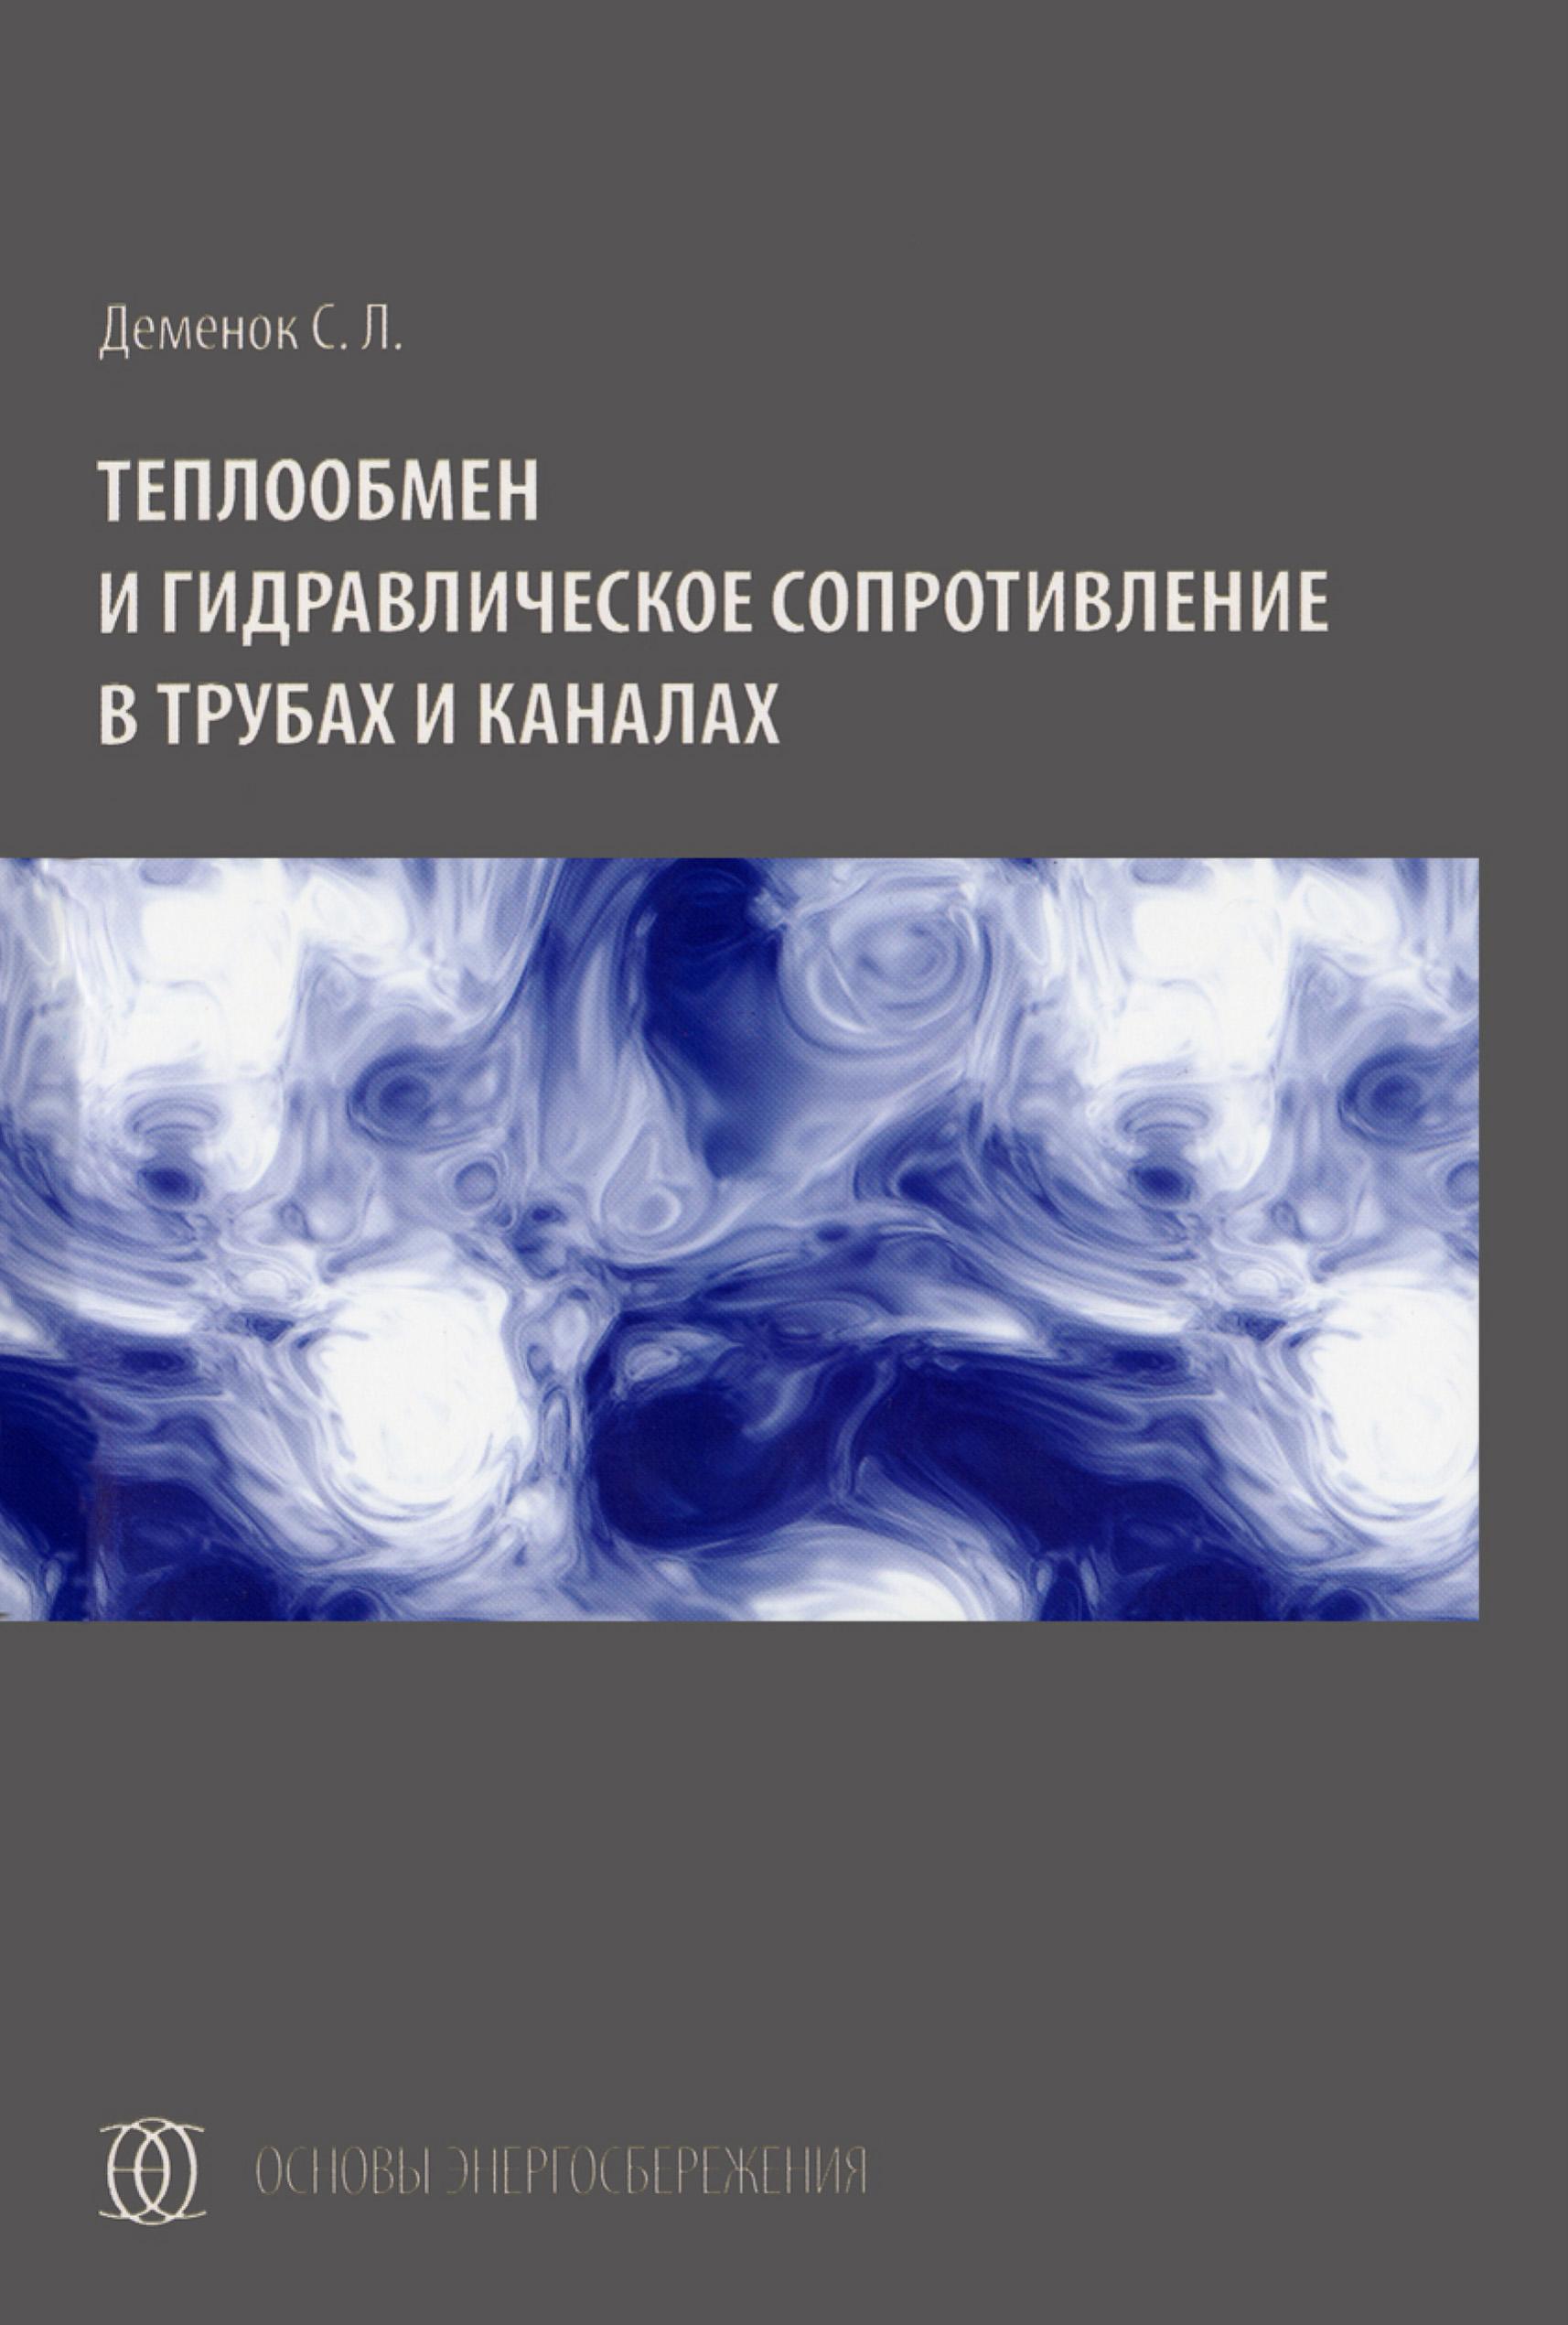 С. Л. Деменок Теплообмен и гидравлическое сопротивление в трубах и каналах